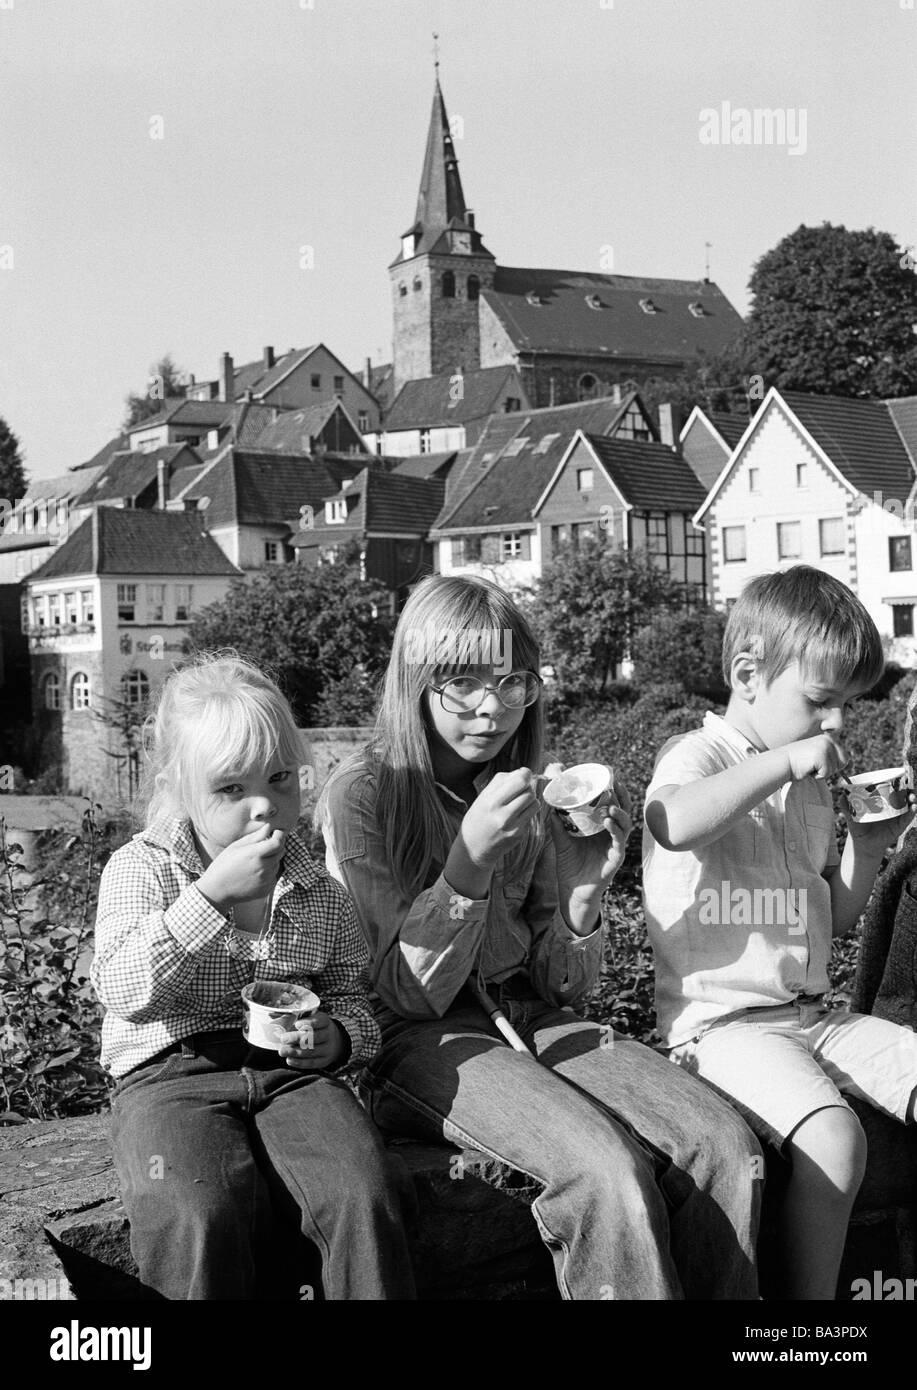 70er jahre schwarz wei foto menschen kinder zwei m dchen ein junge sitzen auf einer mauer. Black Bedroom Furniture Sets. Home Design Ideas